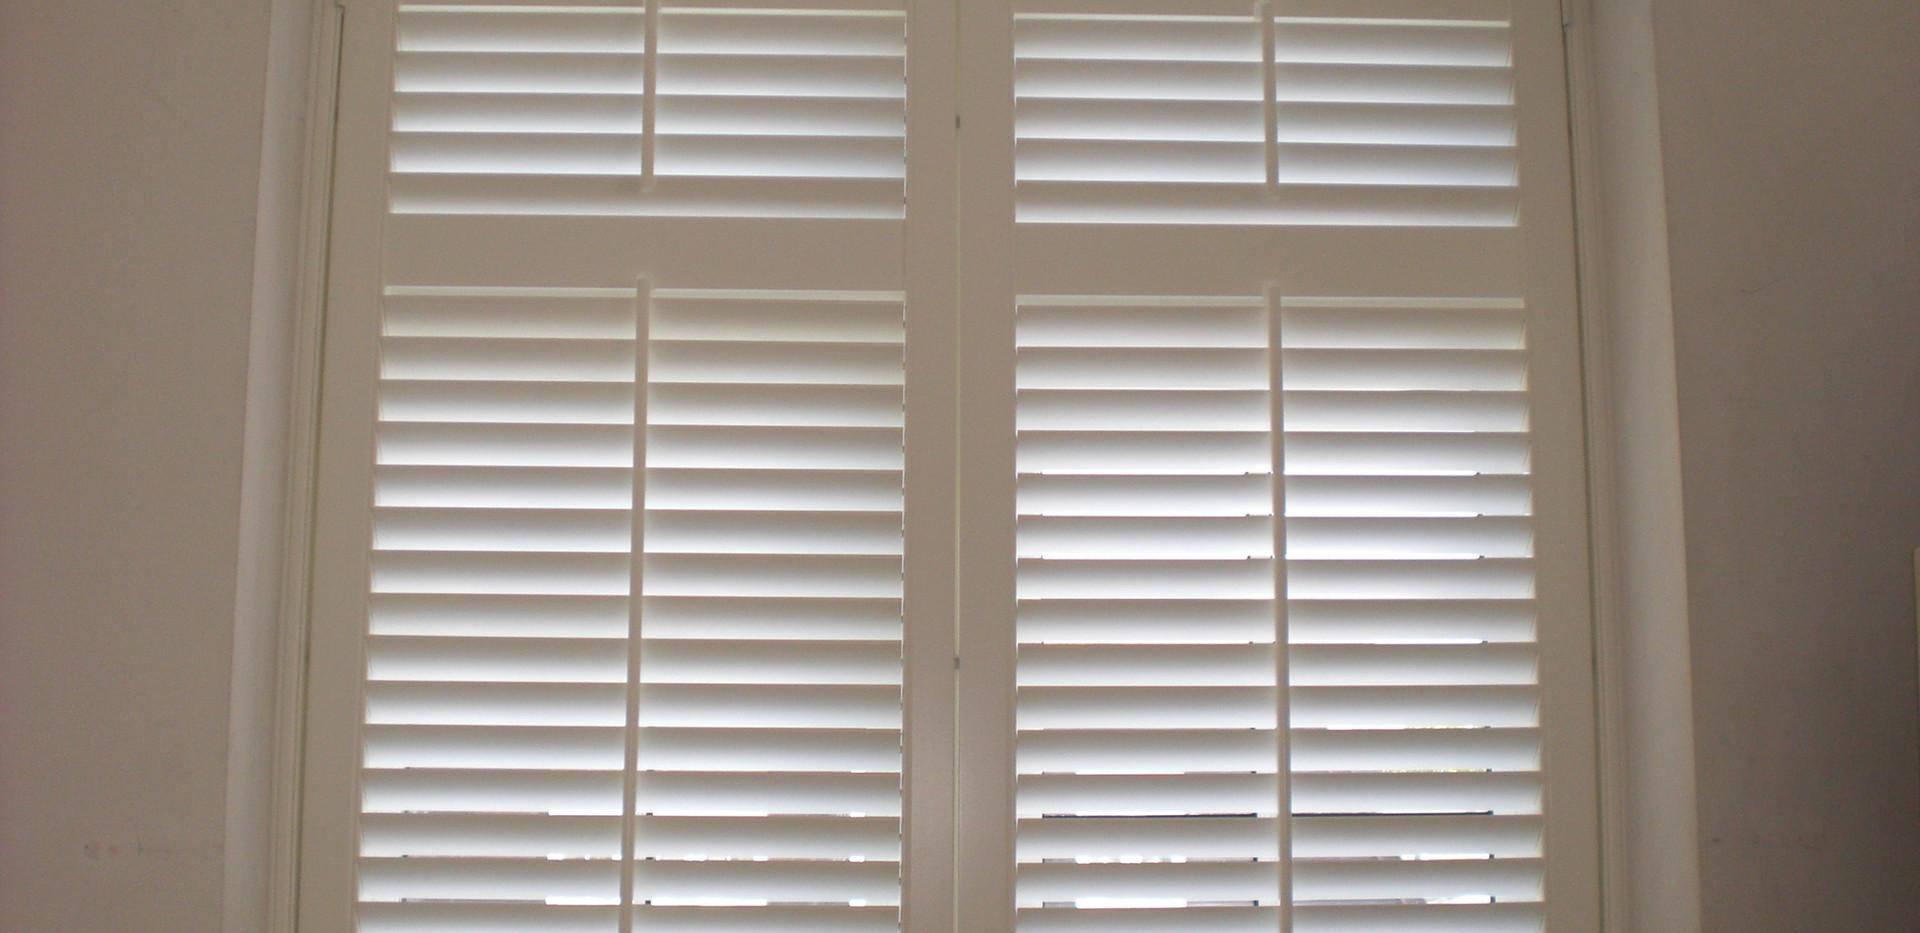 curtains 274 - Copy.jpg